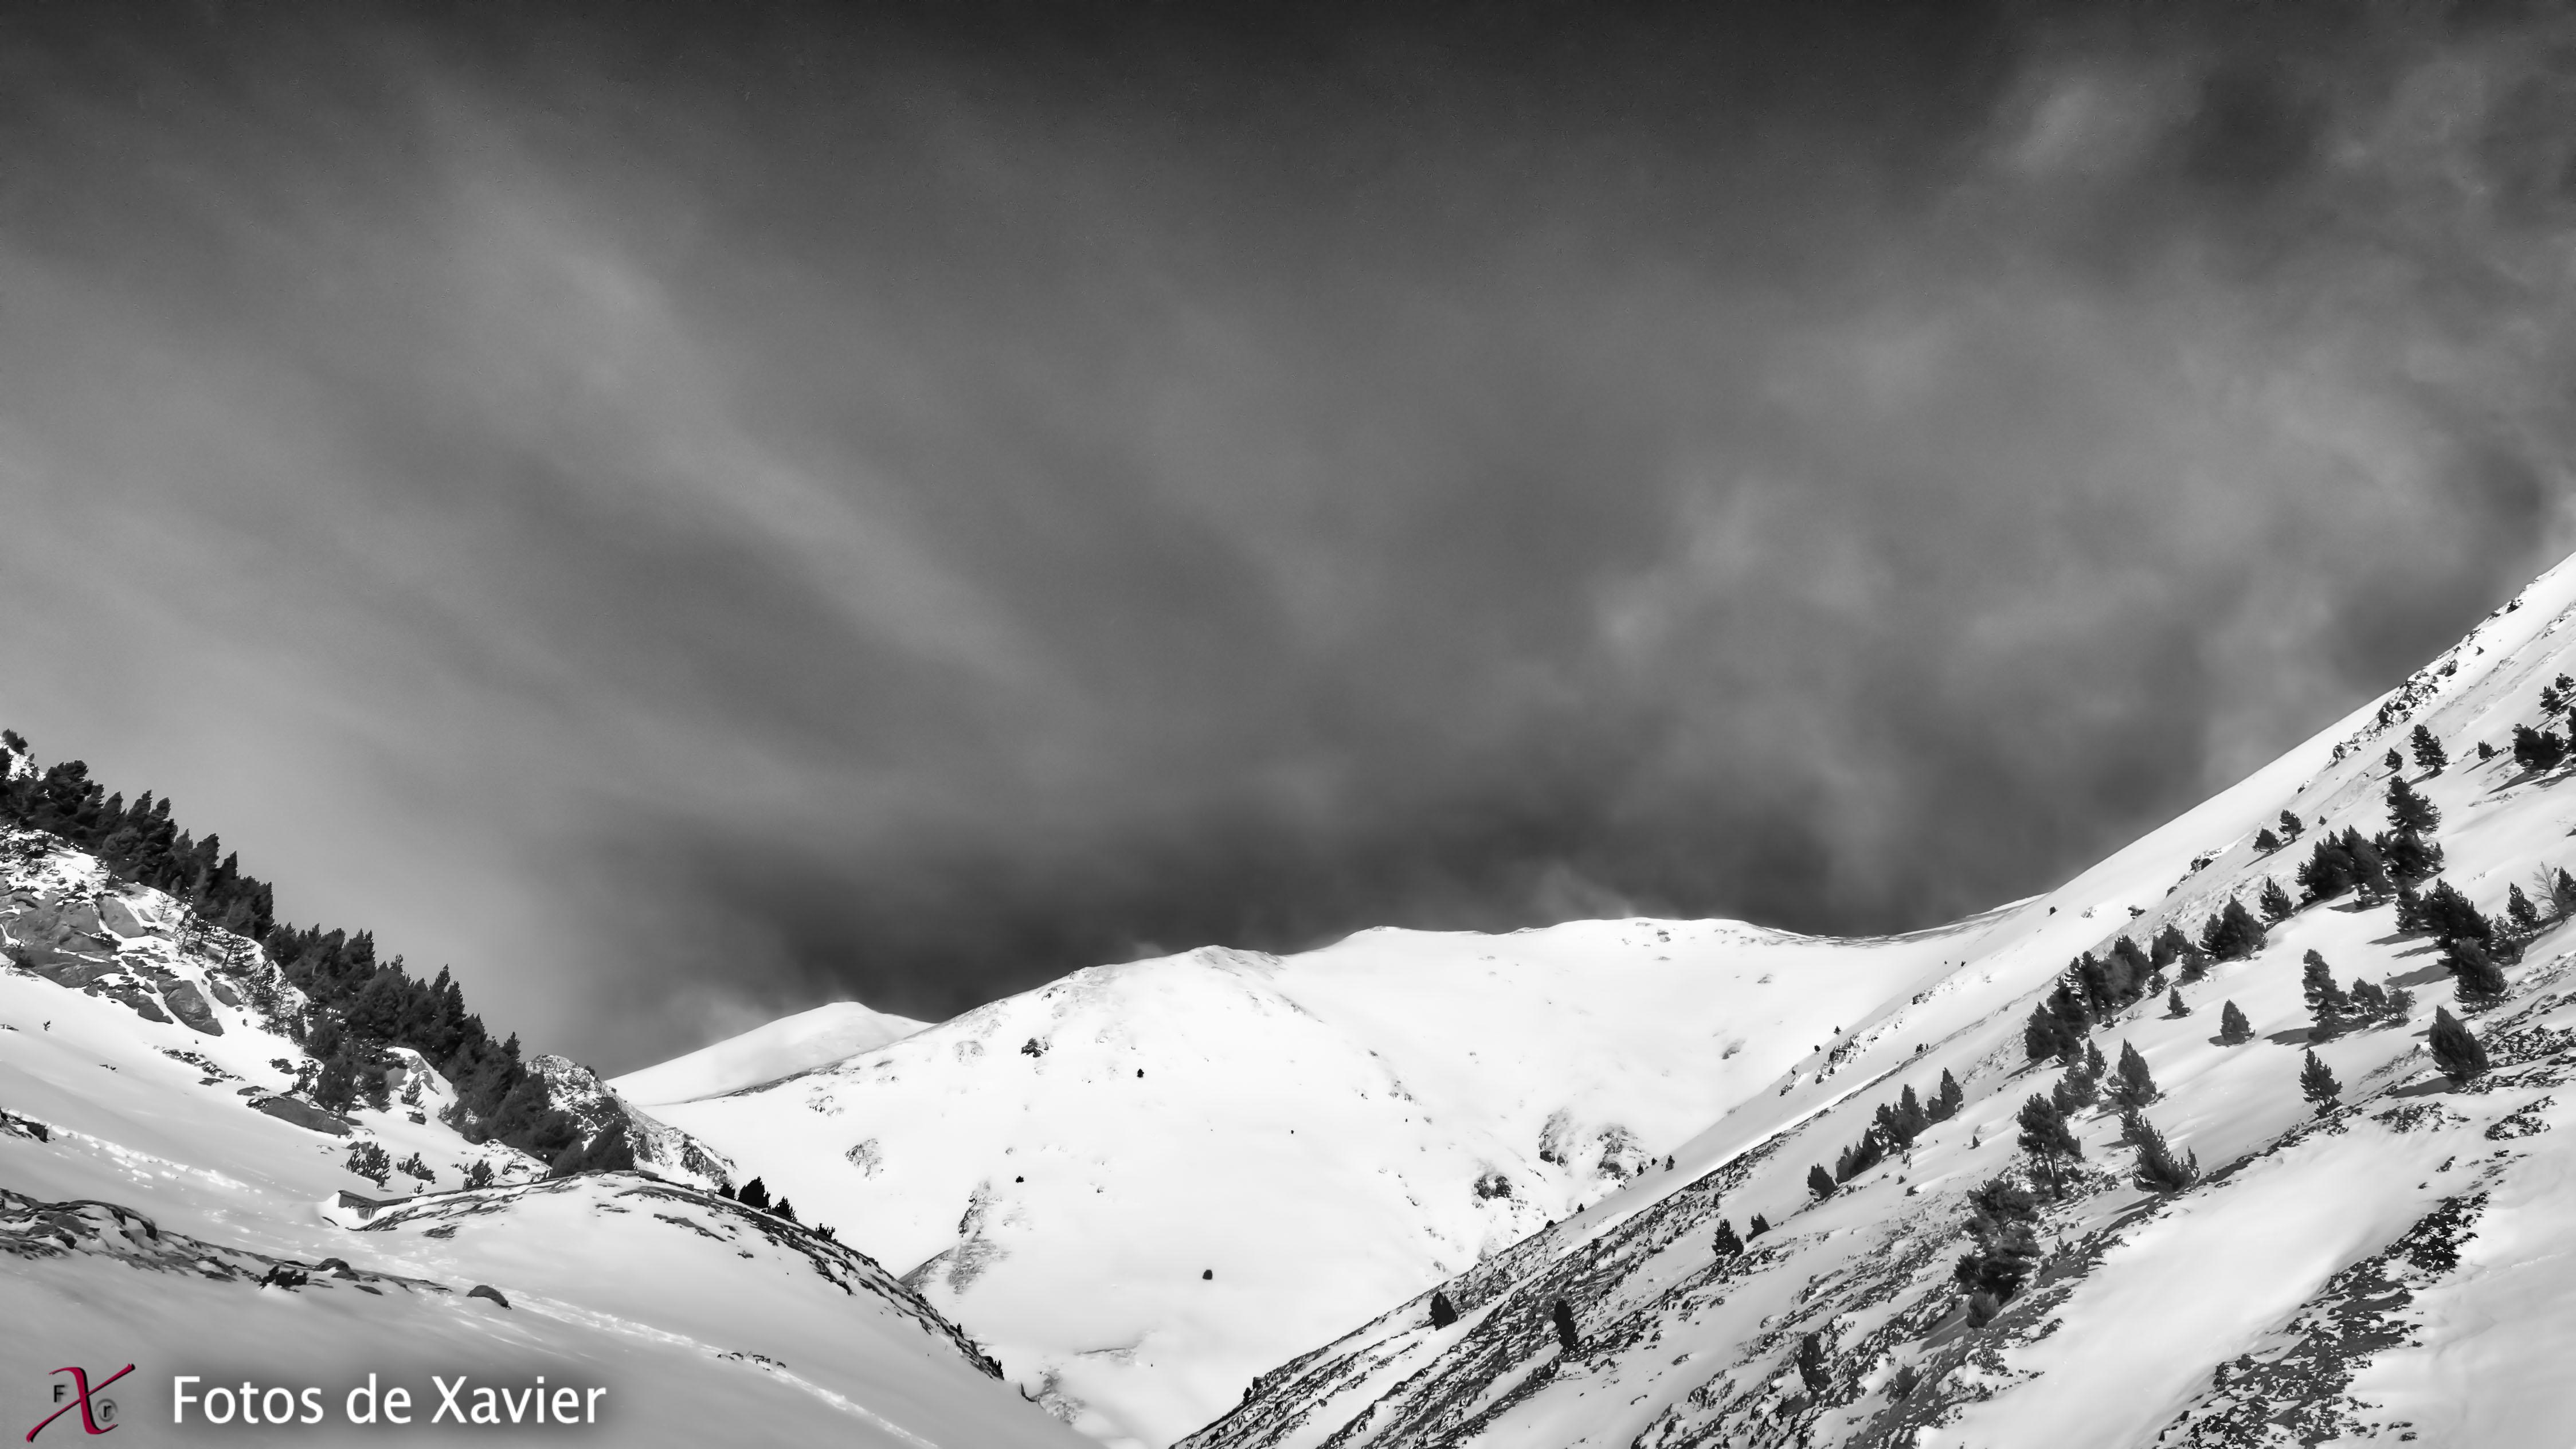 Vall d'Eina - Blanco y negro - Fotos de Xavier. Fotografia de naturaleza y paisaje en blanco y negro. Xavier Linares